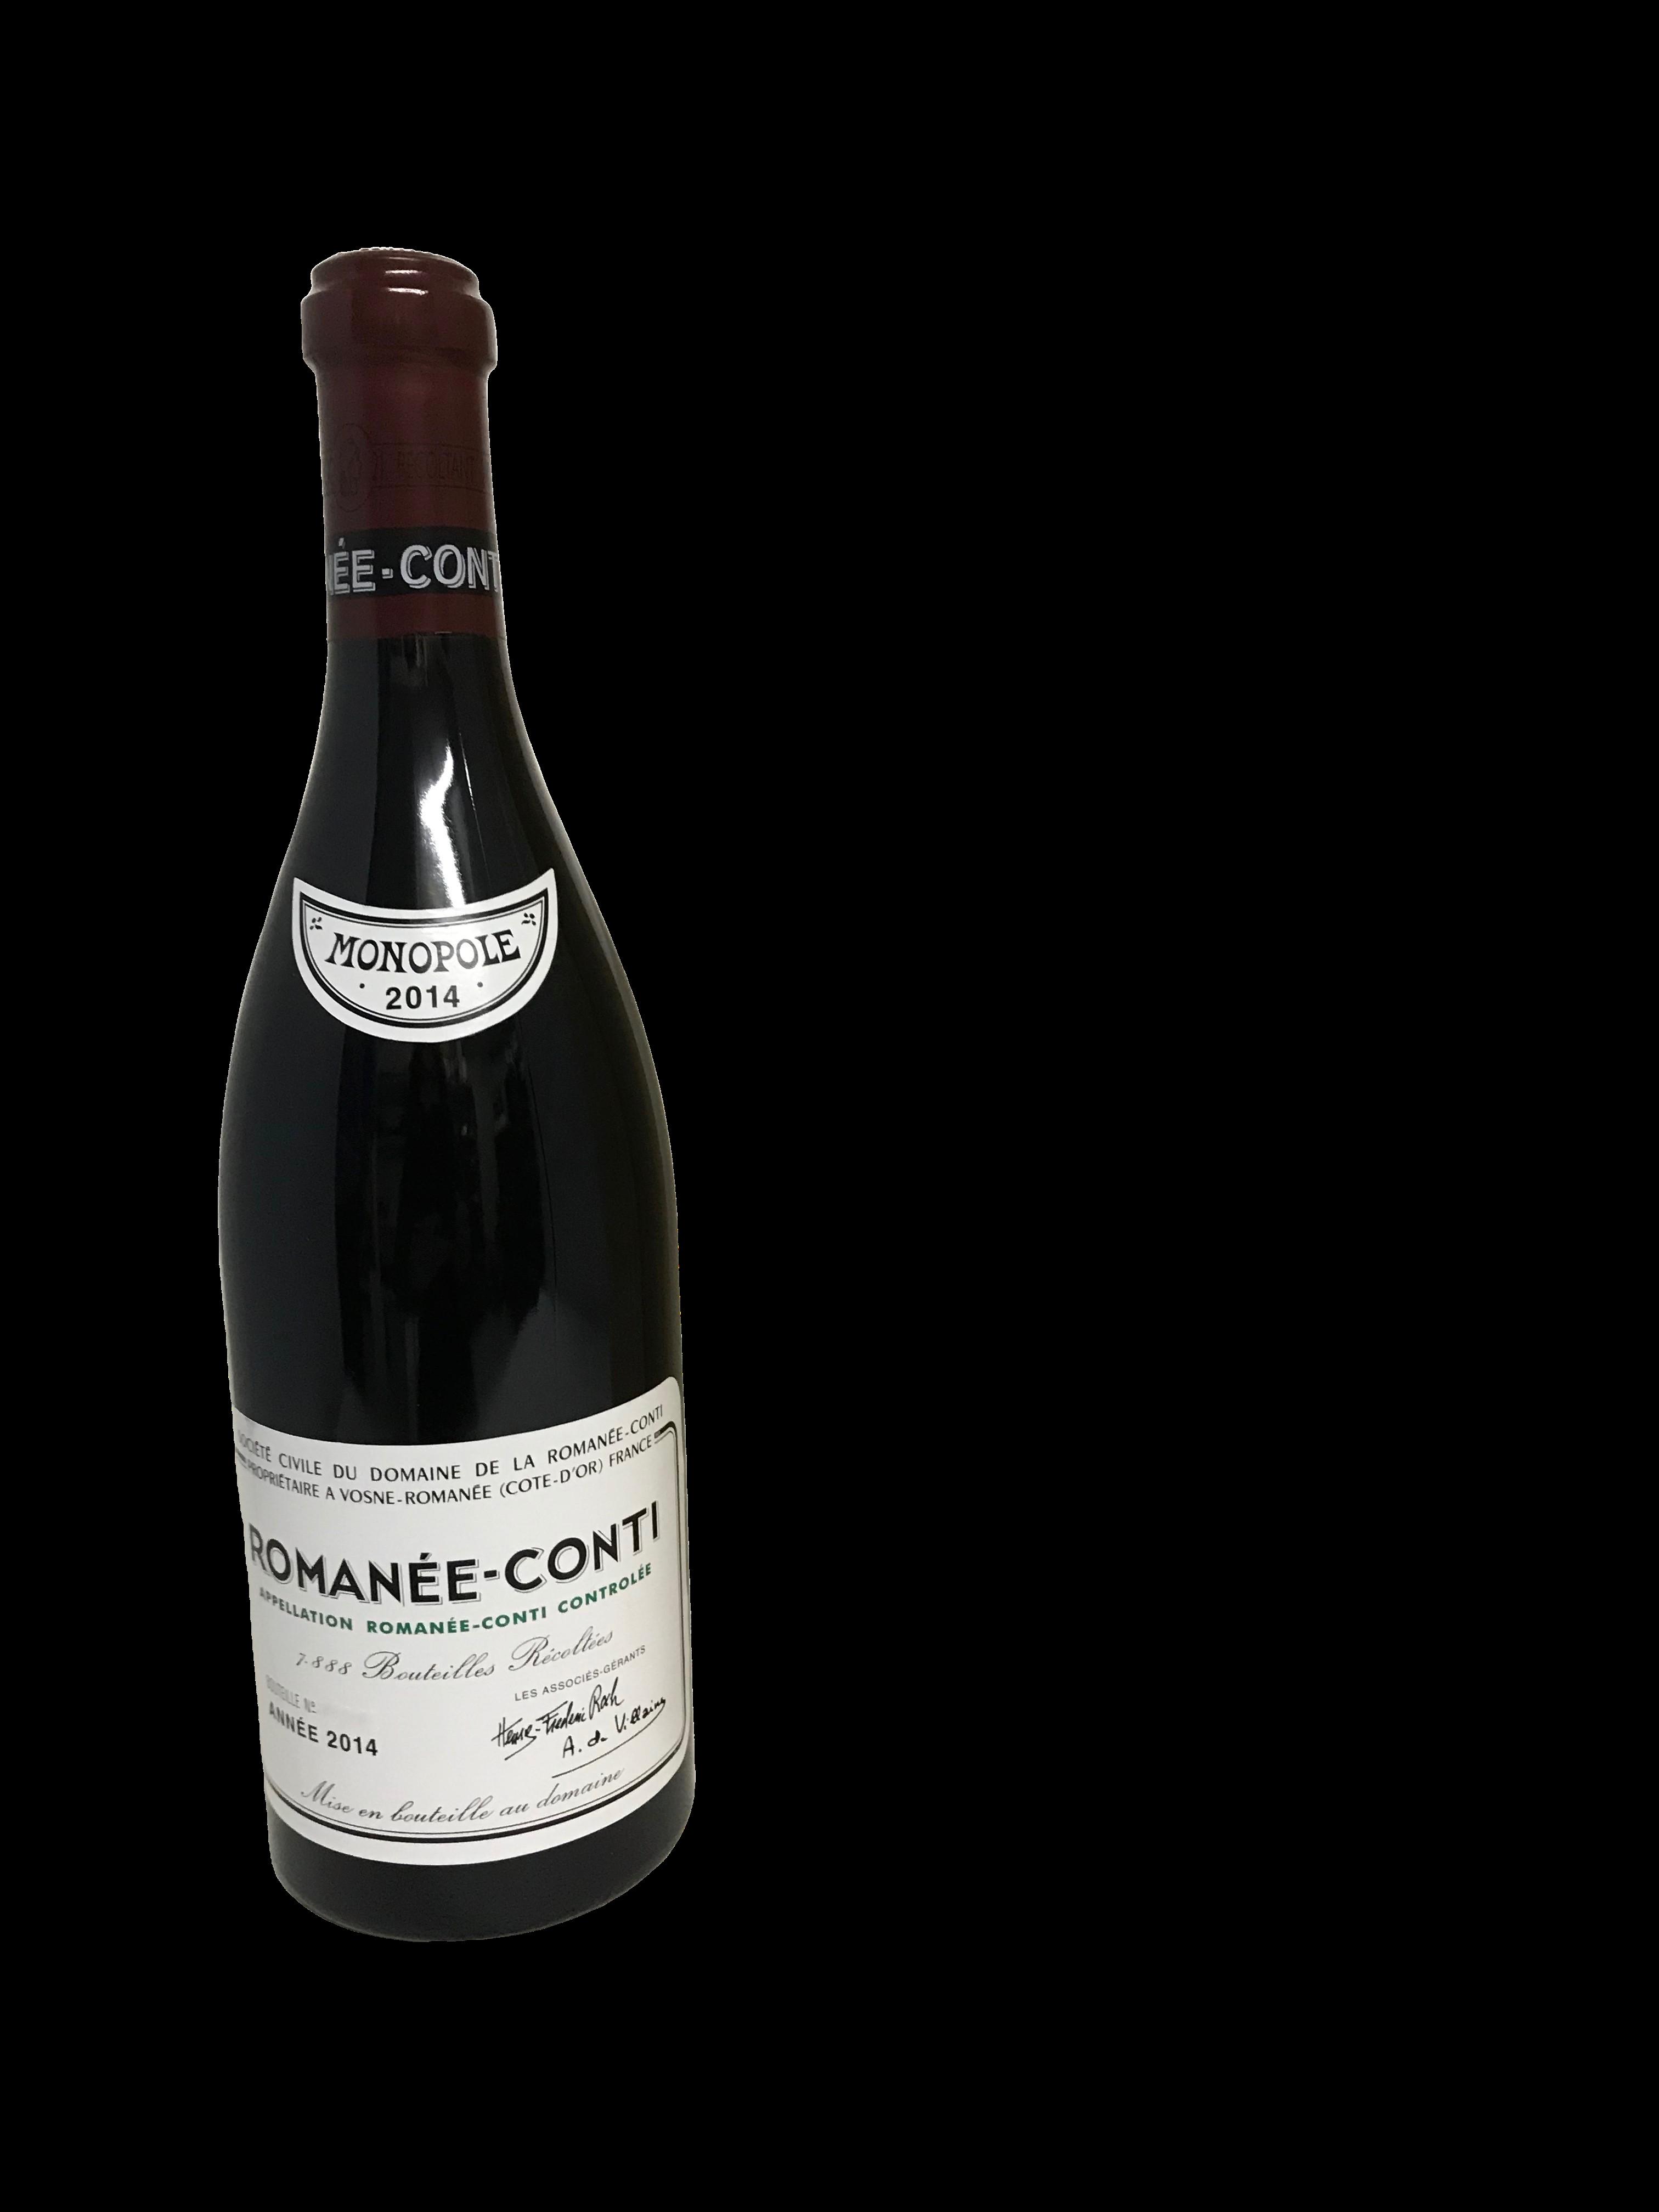 Domaine de la Romanée-Conti (DRC) – Romanée-Conti 2014